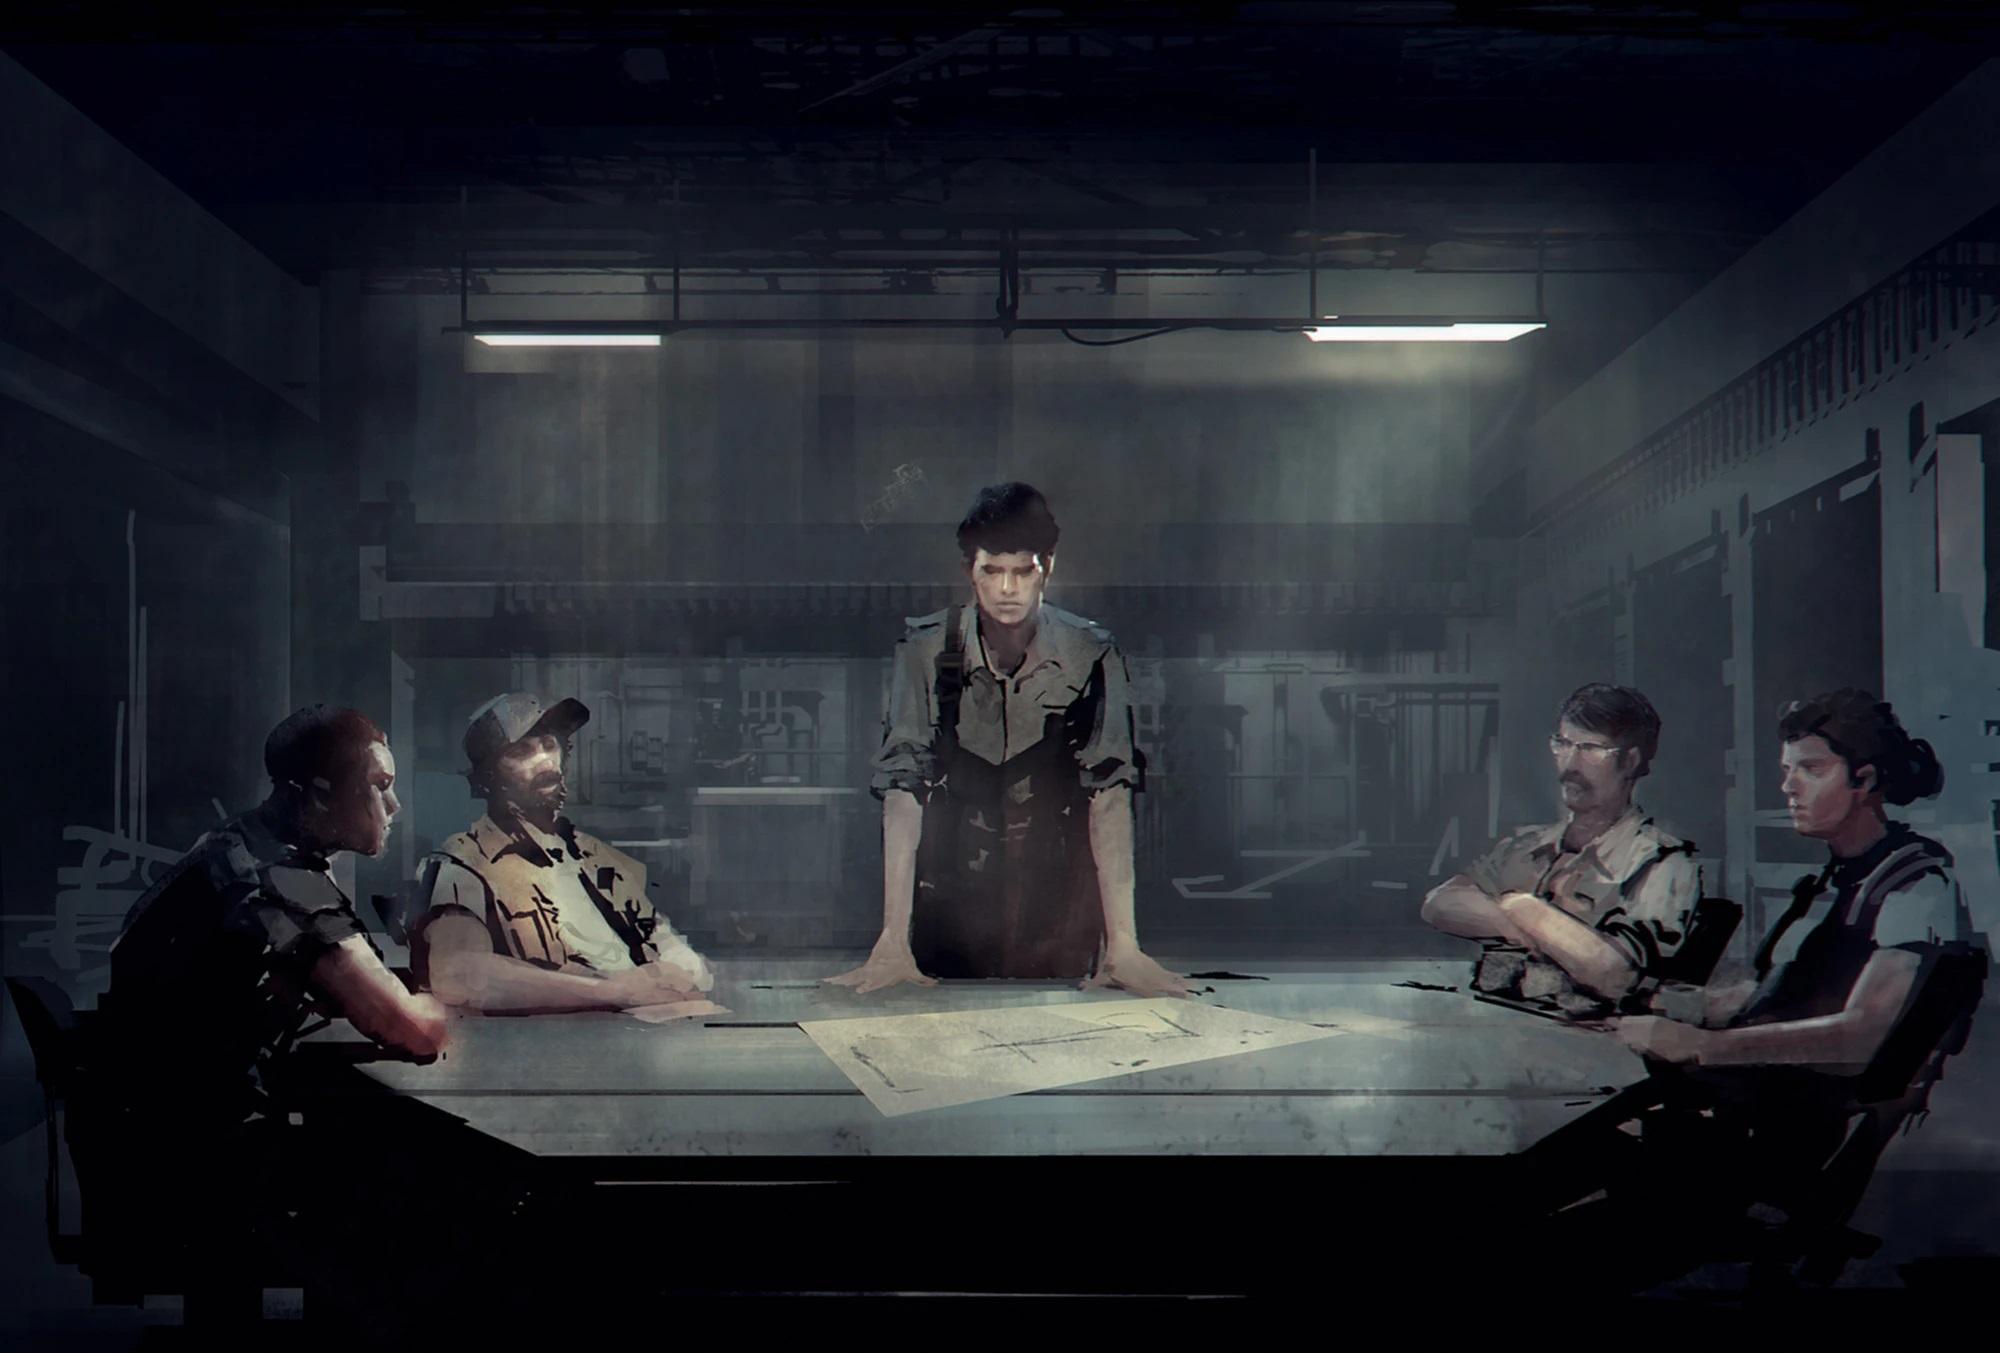 Колонии и ксеноморфы: обзор настольной ролевой игры Alien RPG 3